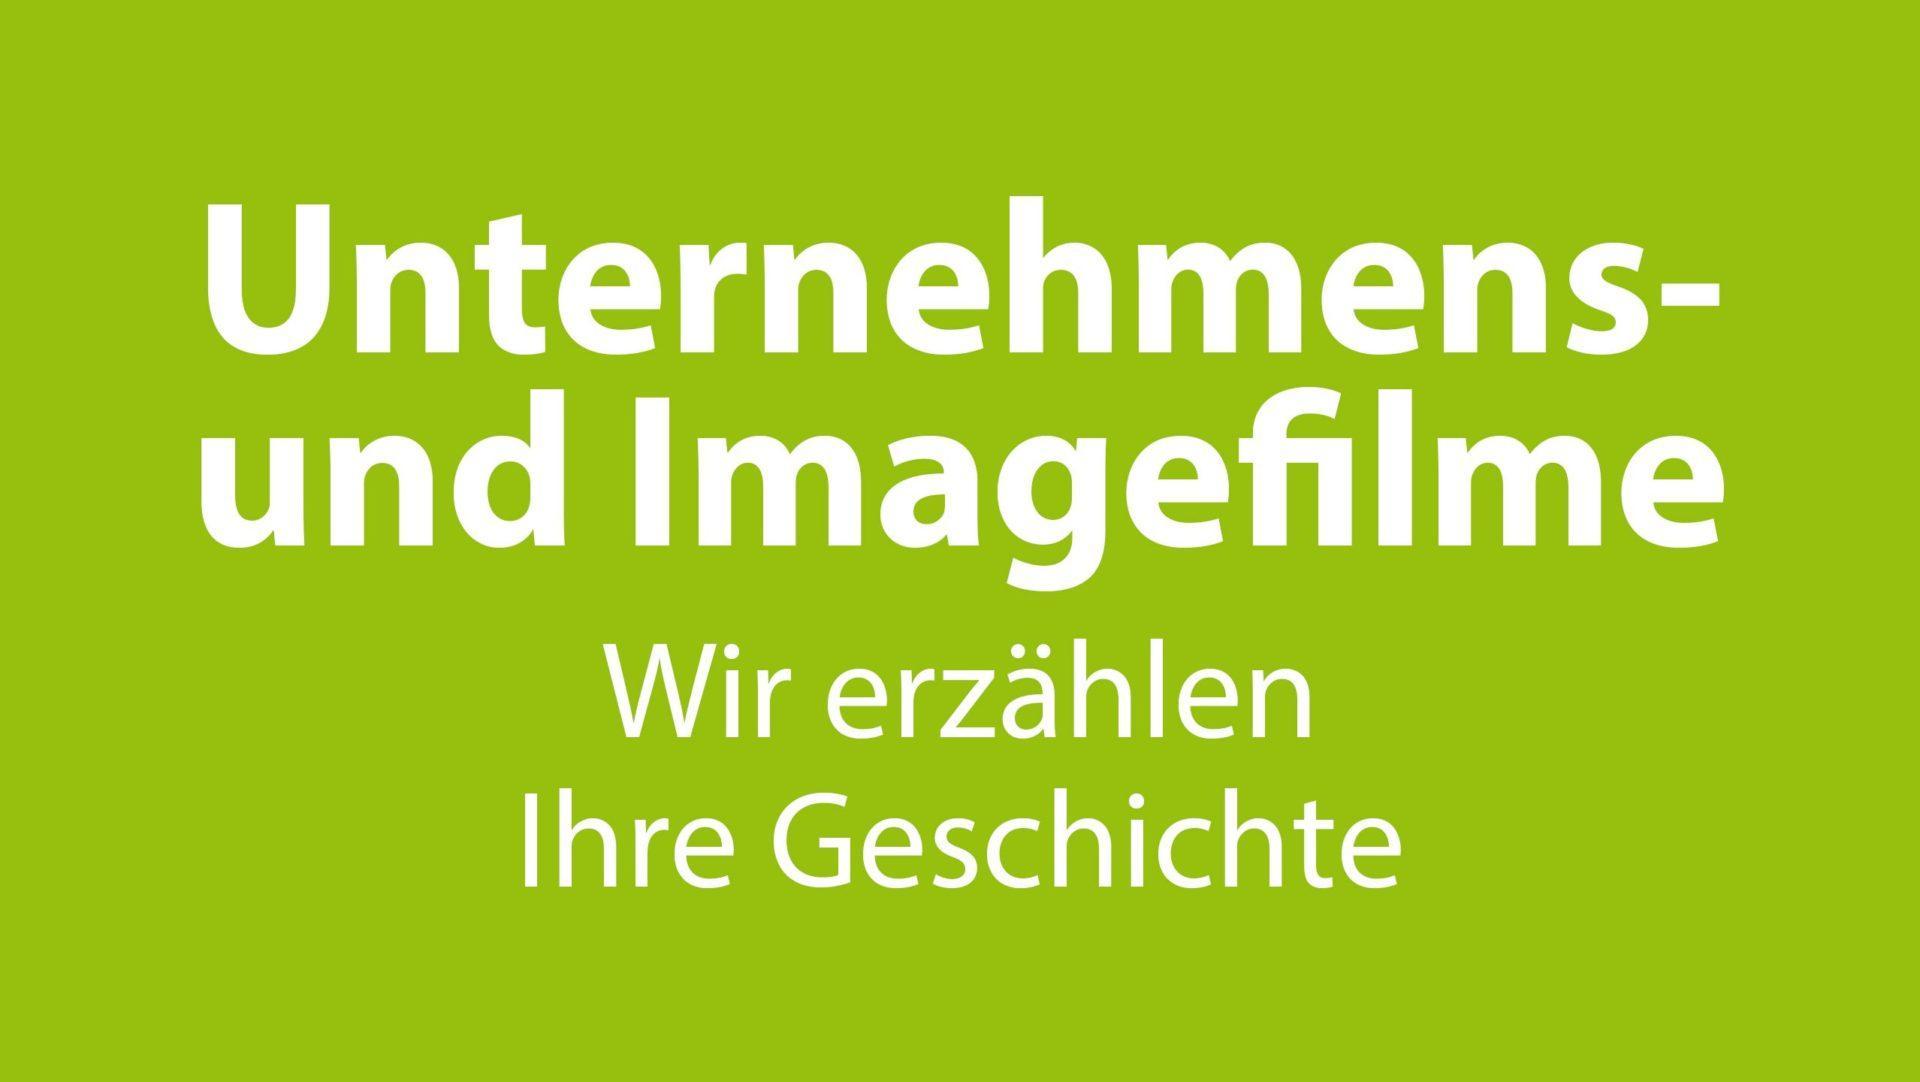 Unternehmens- und Imagefilme